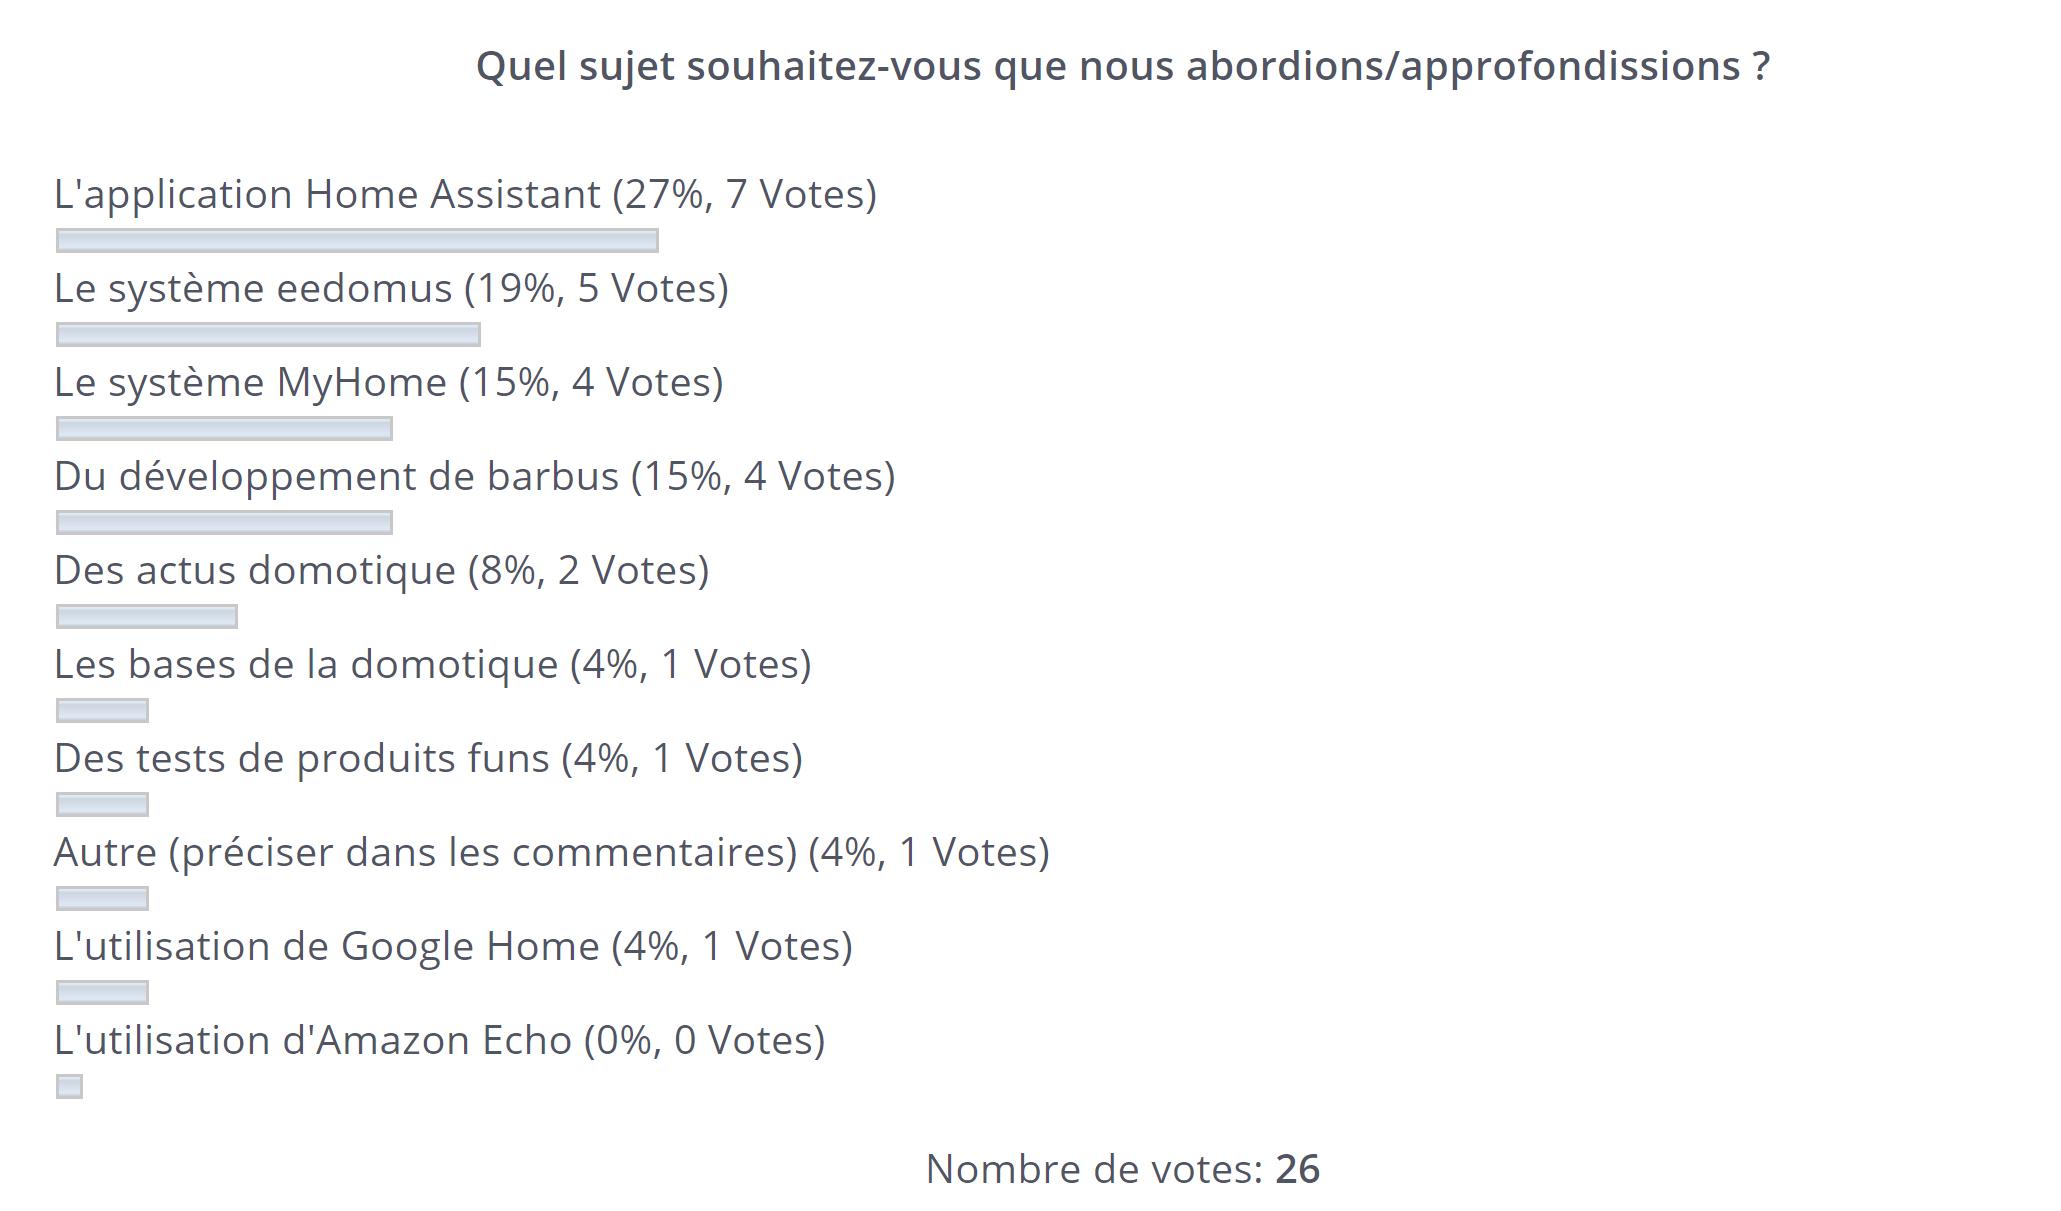 Résultats du vote